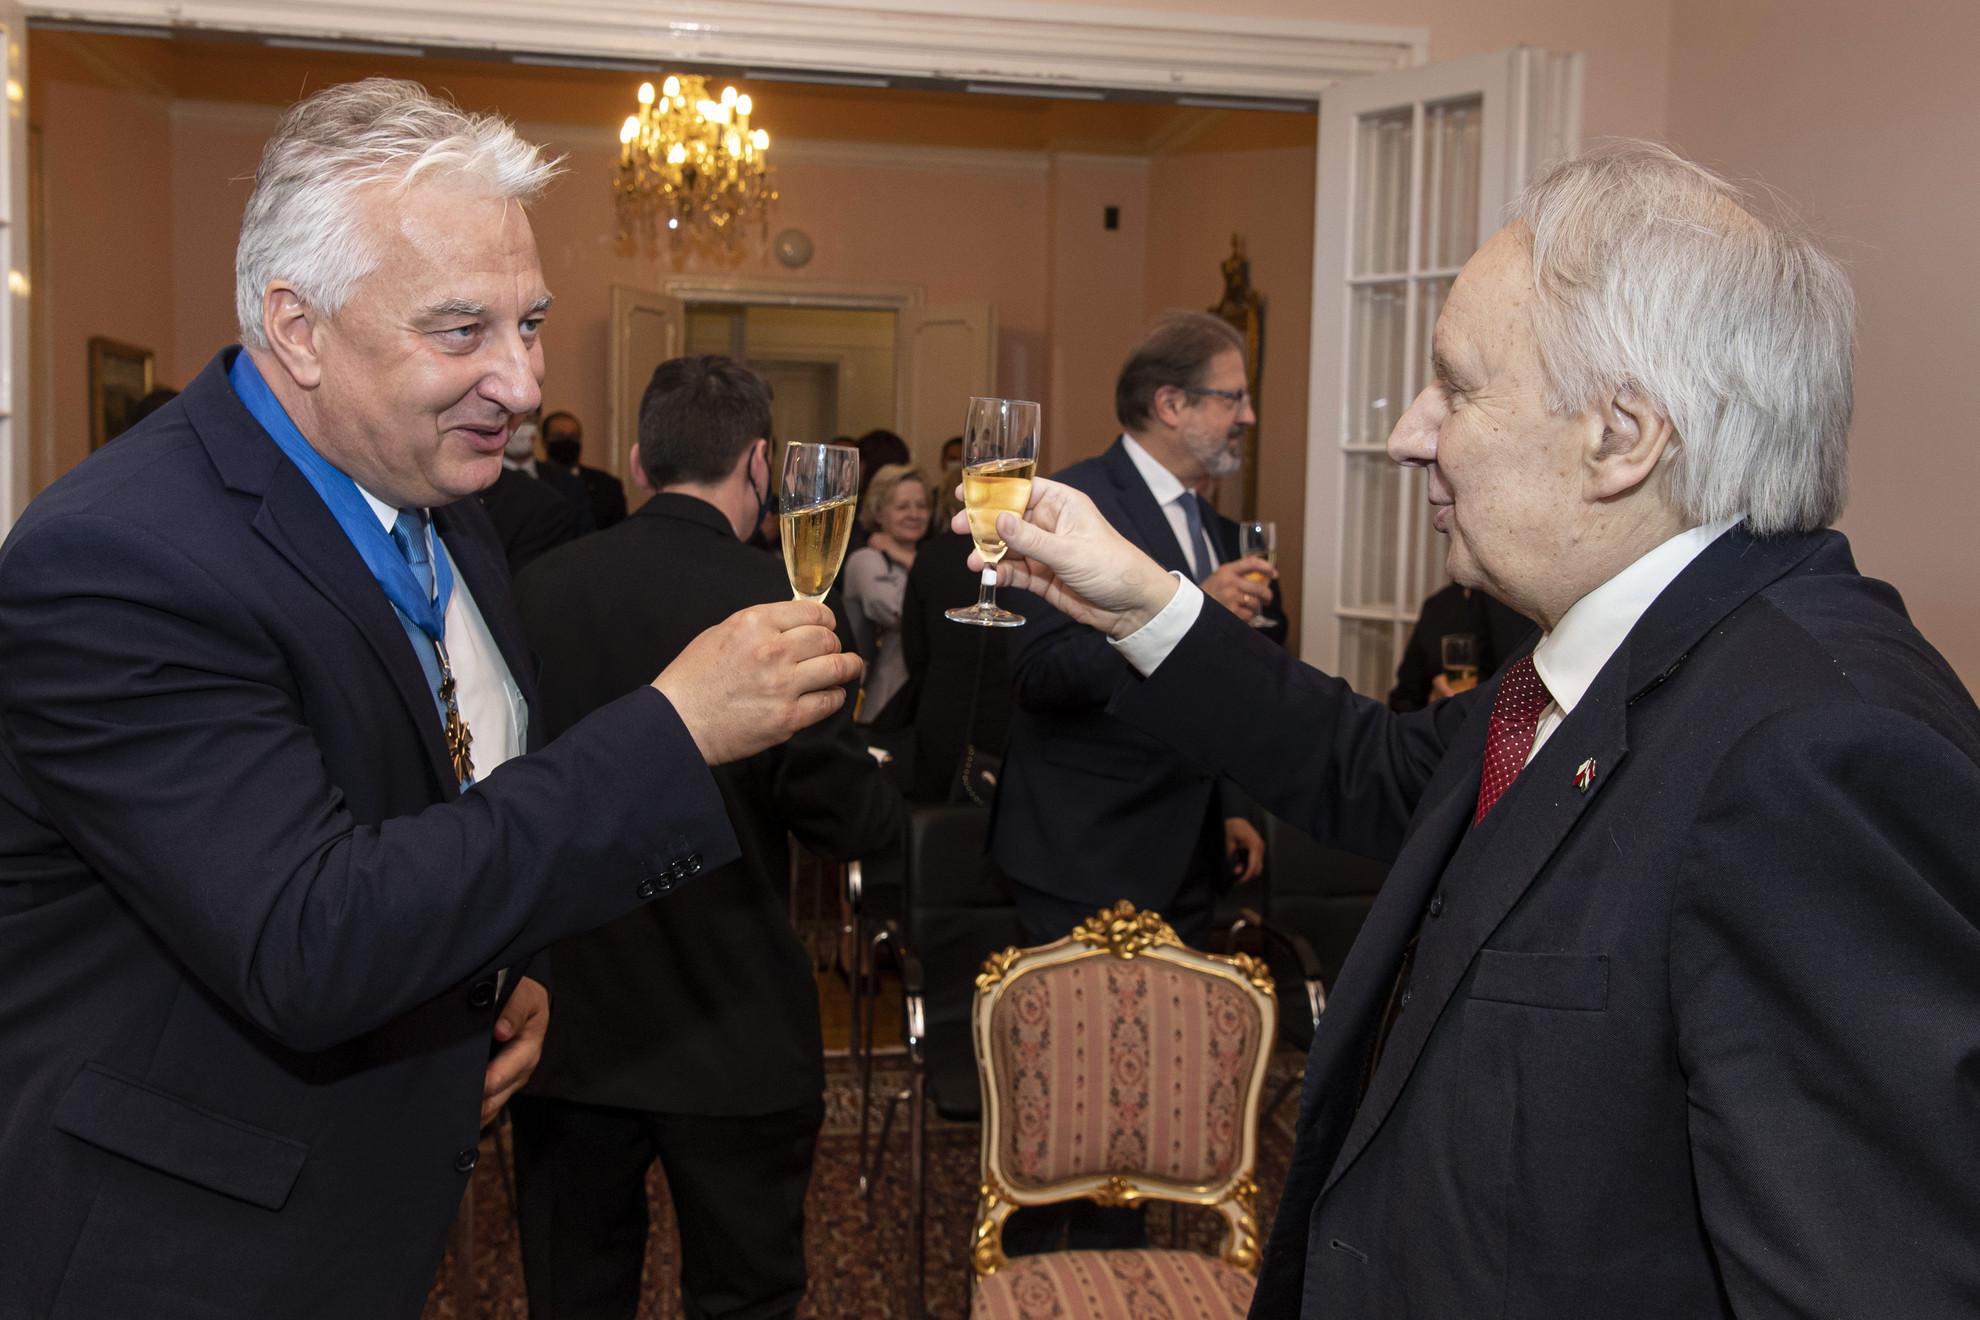 Semjén Zsolt nemzetpolitikáért, egyházügyekért és nemzetiségekért felelős miniszterelnök-helyettes (b) és Jerzy Snopek, Lengyelország magyarországi nagykövete koccintanak